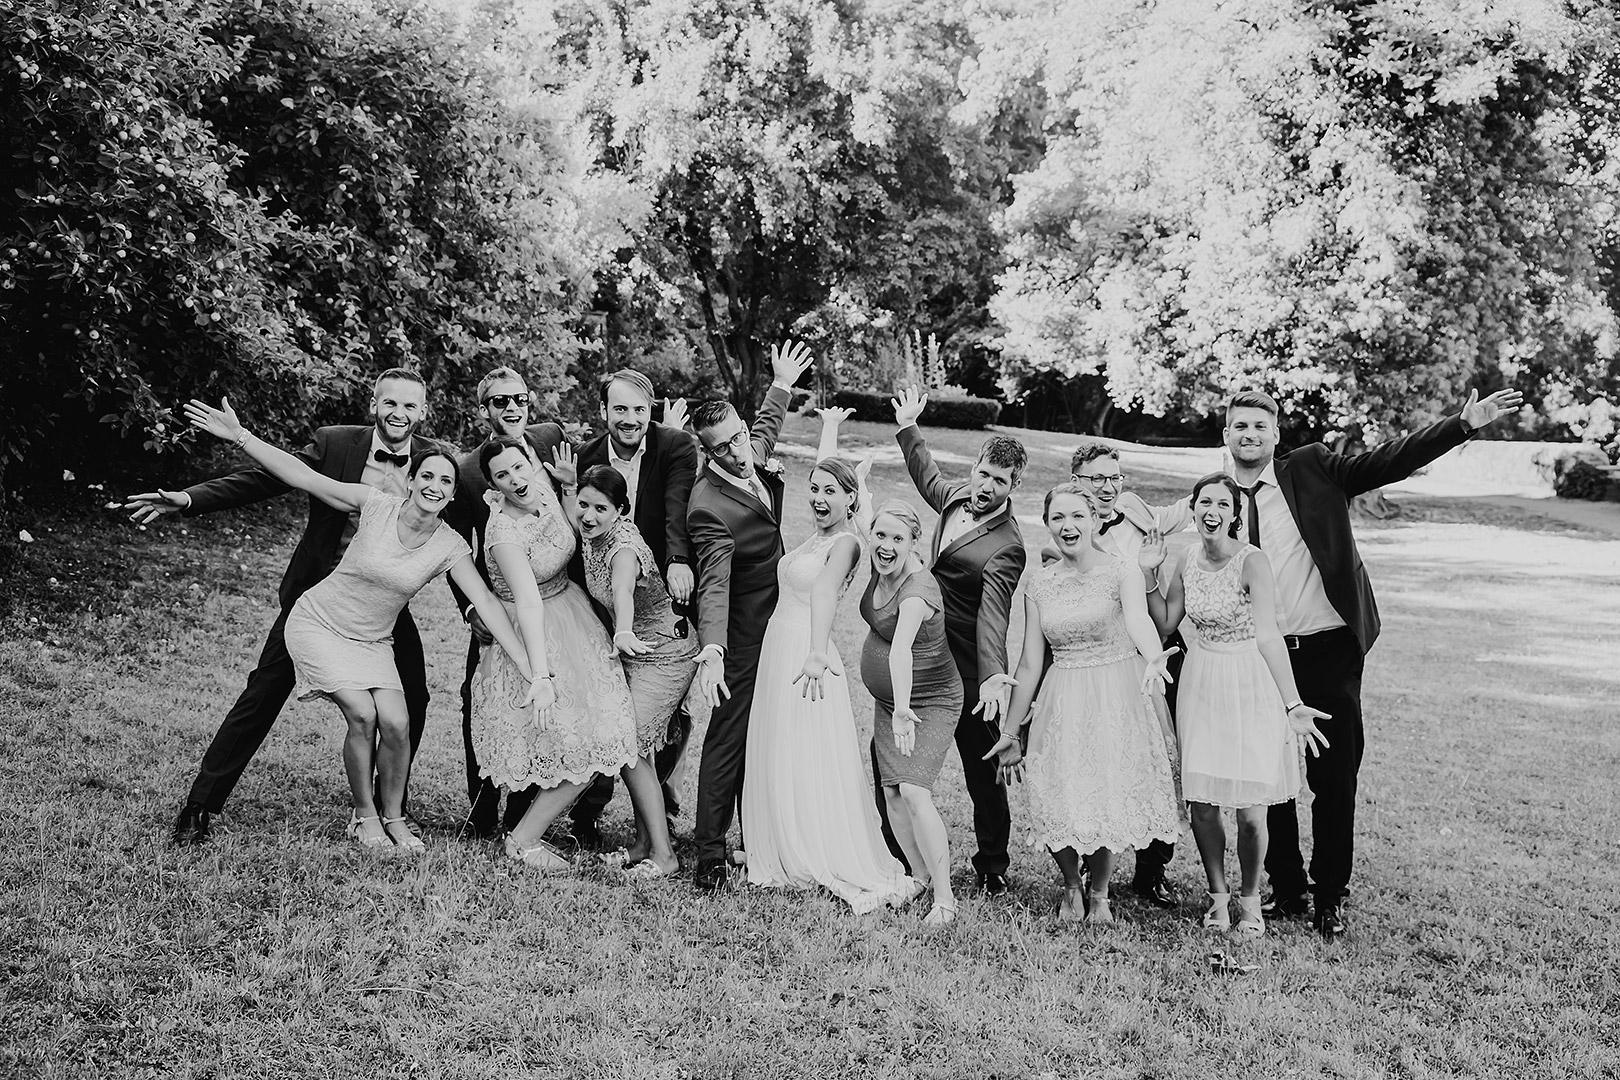 portrait_wedding_IsabellundOliver_45